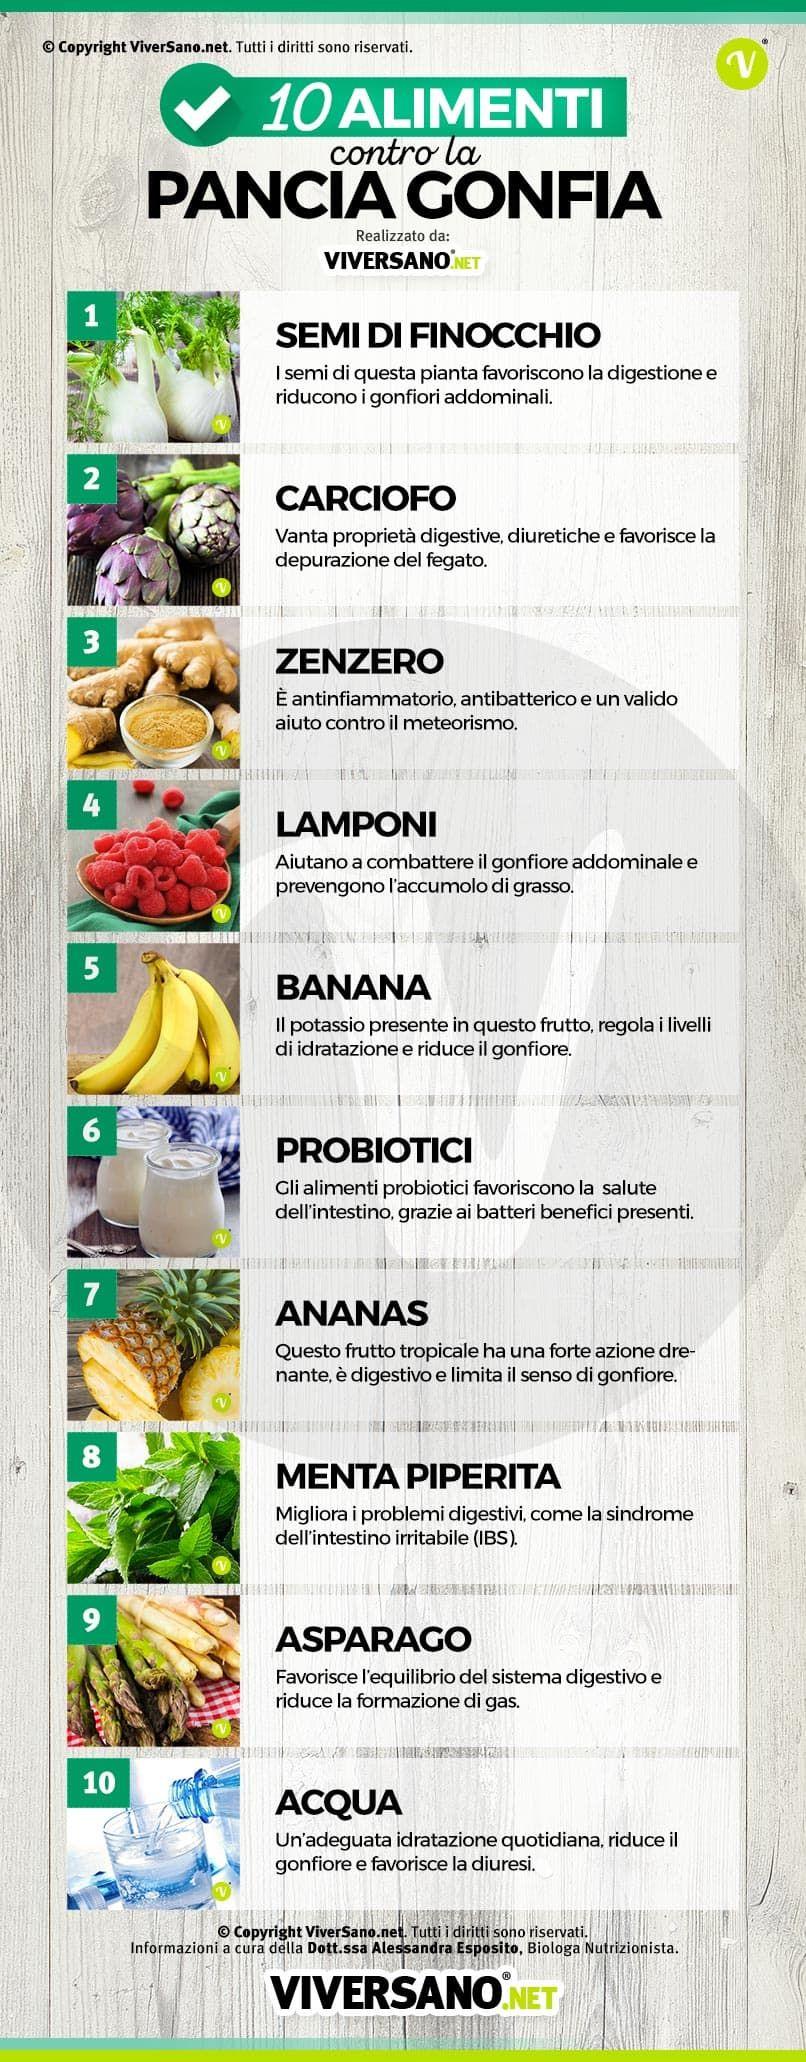 10 Cibi Che Sgonfiano La Pancia E Aiutano A Ritrovare Il Benessere Alimenti Pasti Per Mangiare Sano Alimenti Disintossicanti